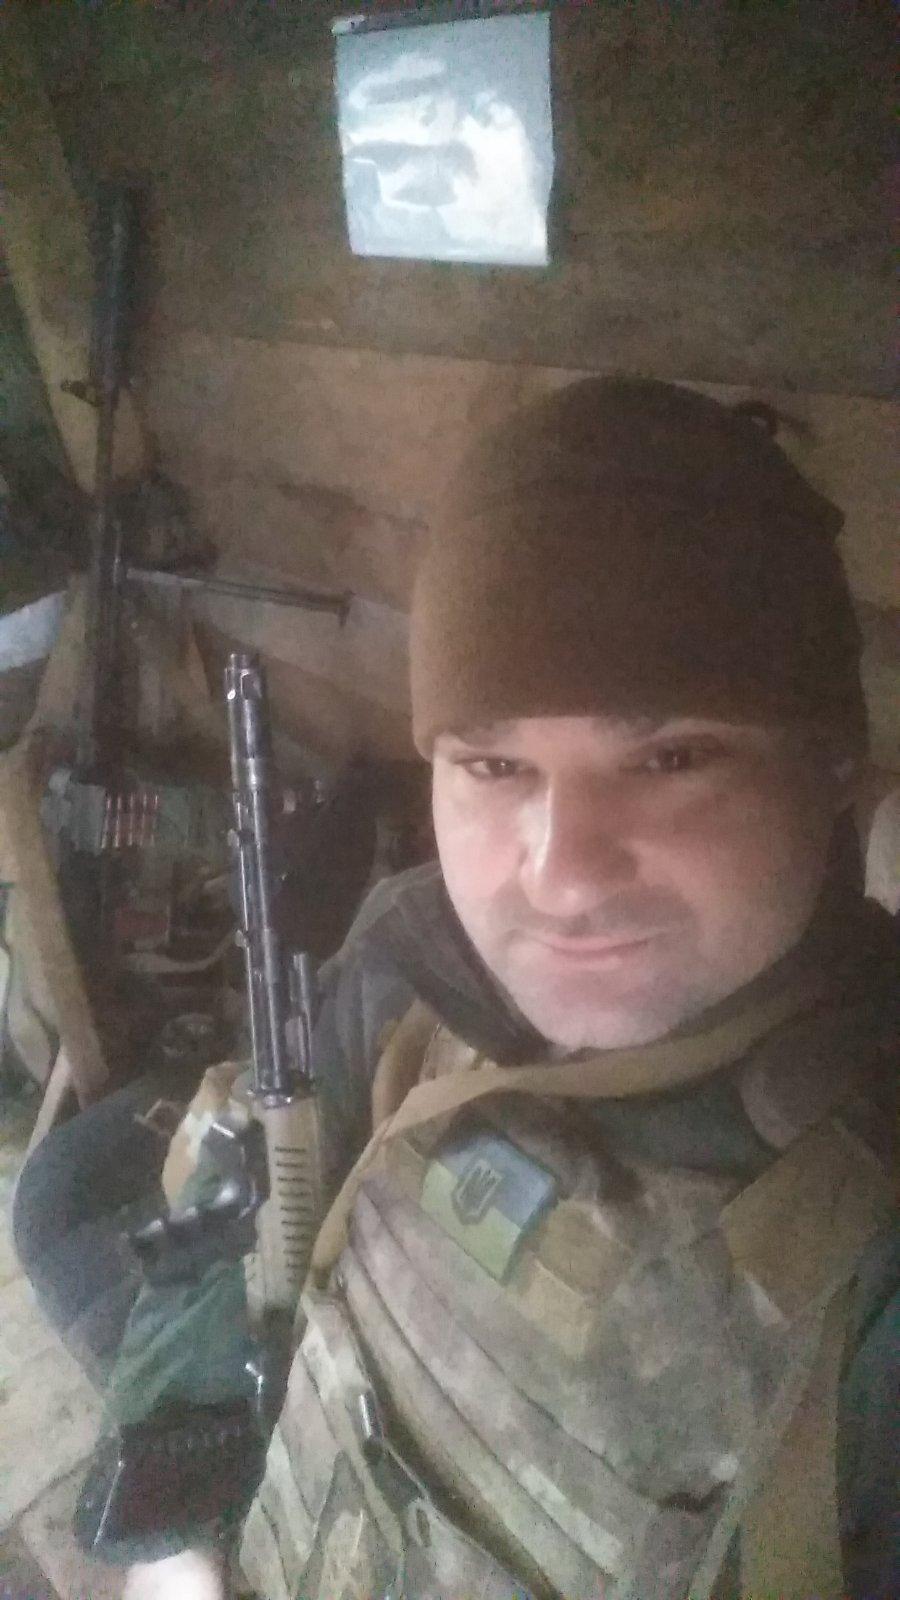 """""""Армия была не воюющая, армия была во многом уничтожена"""", - майор / фото из личного архива Павла Суханя"""